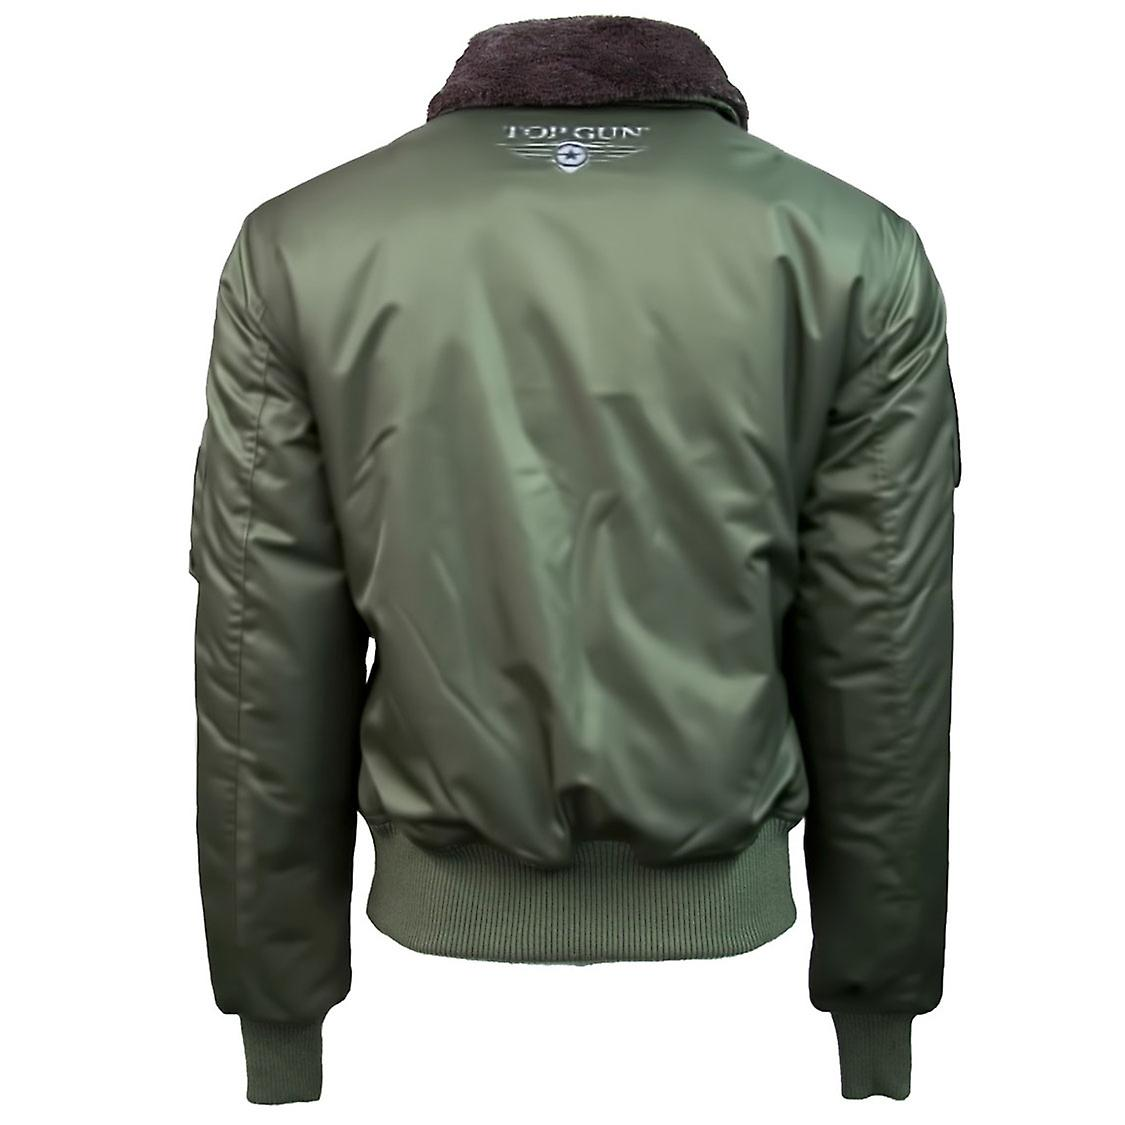 Top Gun B Nylon 15 bombardero chaqueta con desmontable parches oliva